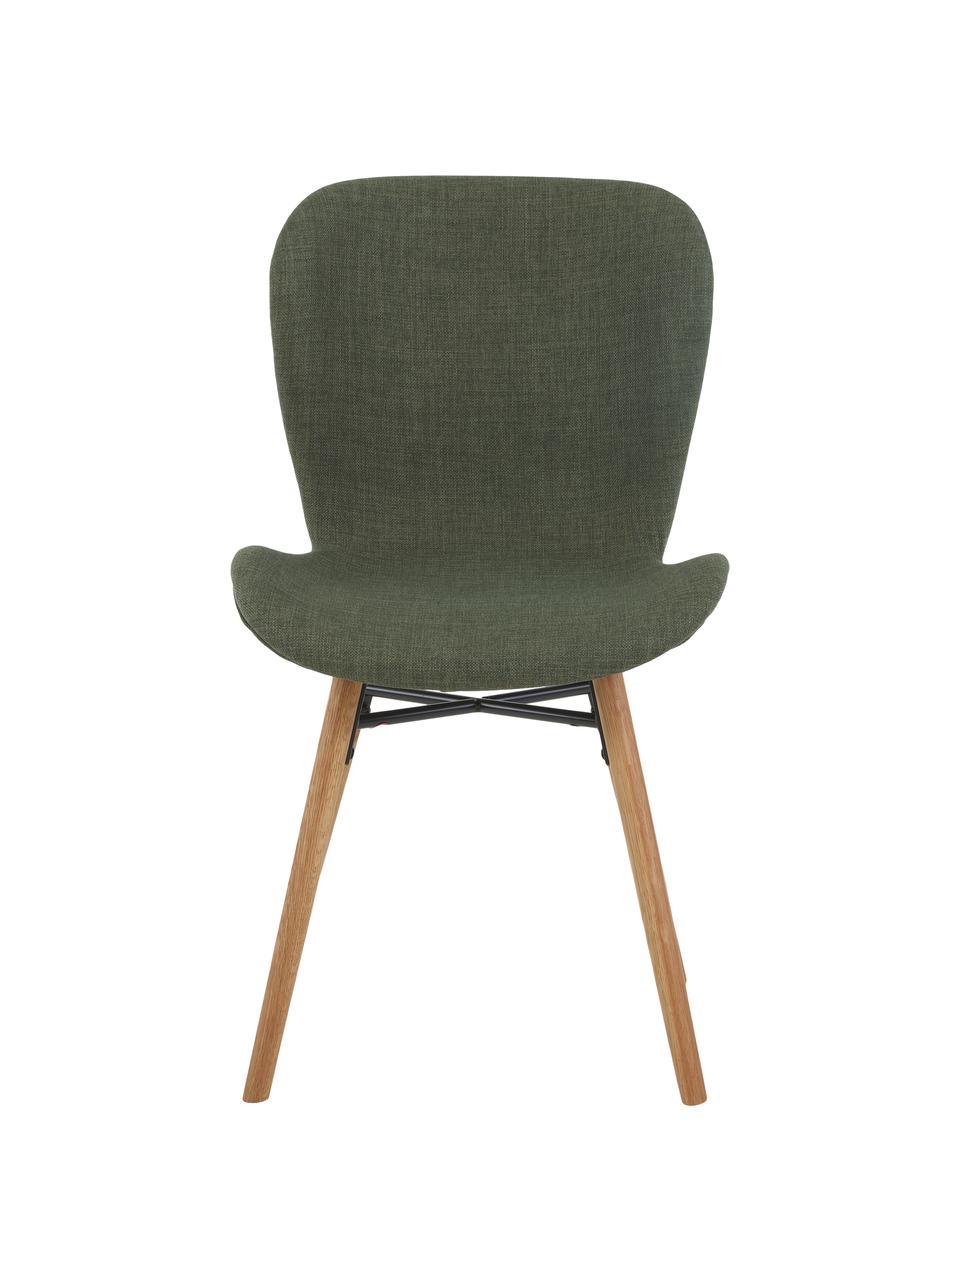 Sedia imbottita in tessuto verde Batilda 2 pz, Rivestimento: poliestere 25.000 cicli d, Gambe: Legno di quercia massicci, Tessuto verde, Larg. 56 x Alt. 47 cm